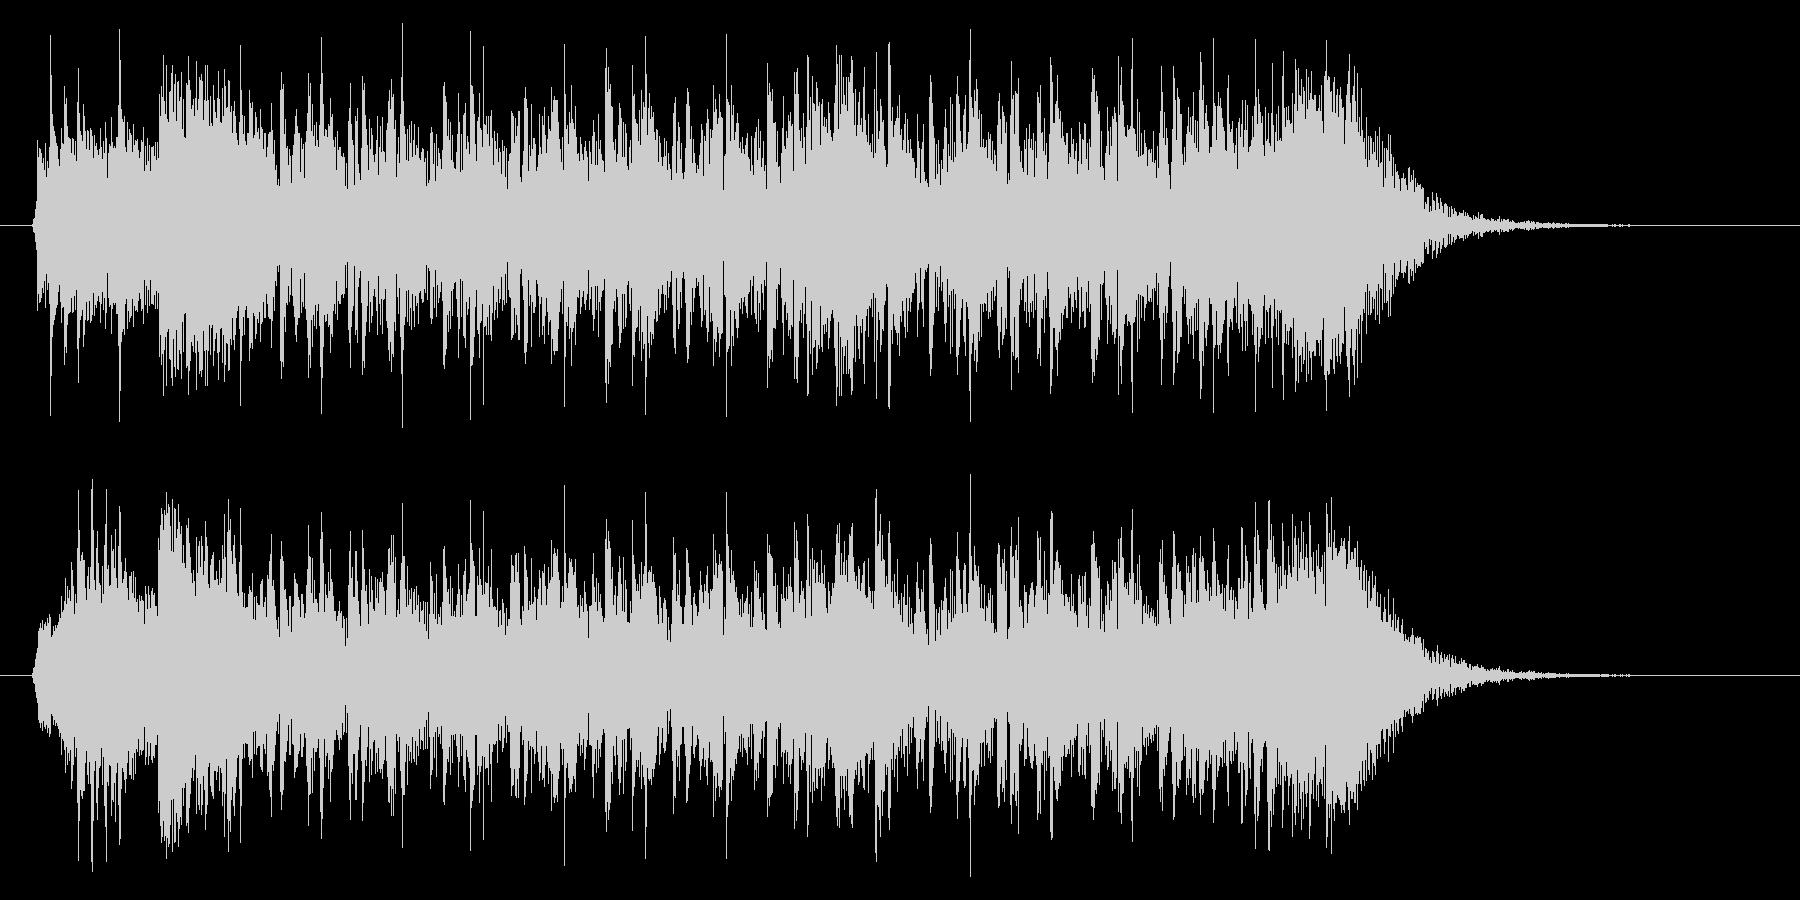 ダークでリズミカルテクノポップジングルの未再生の波形